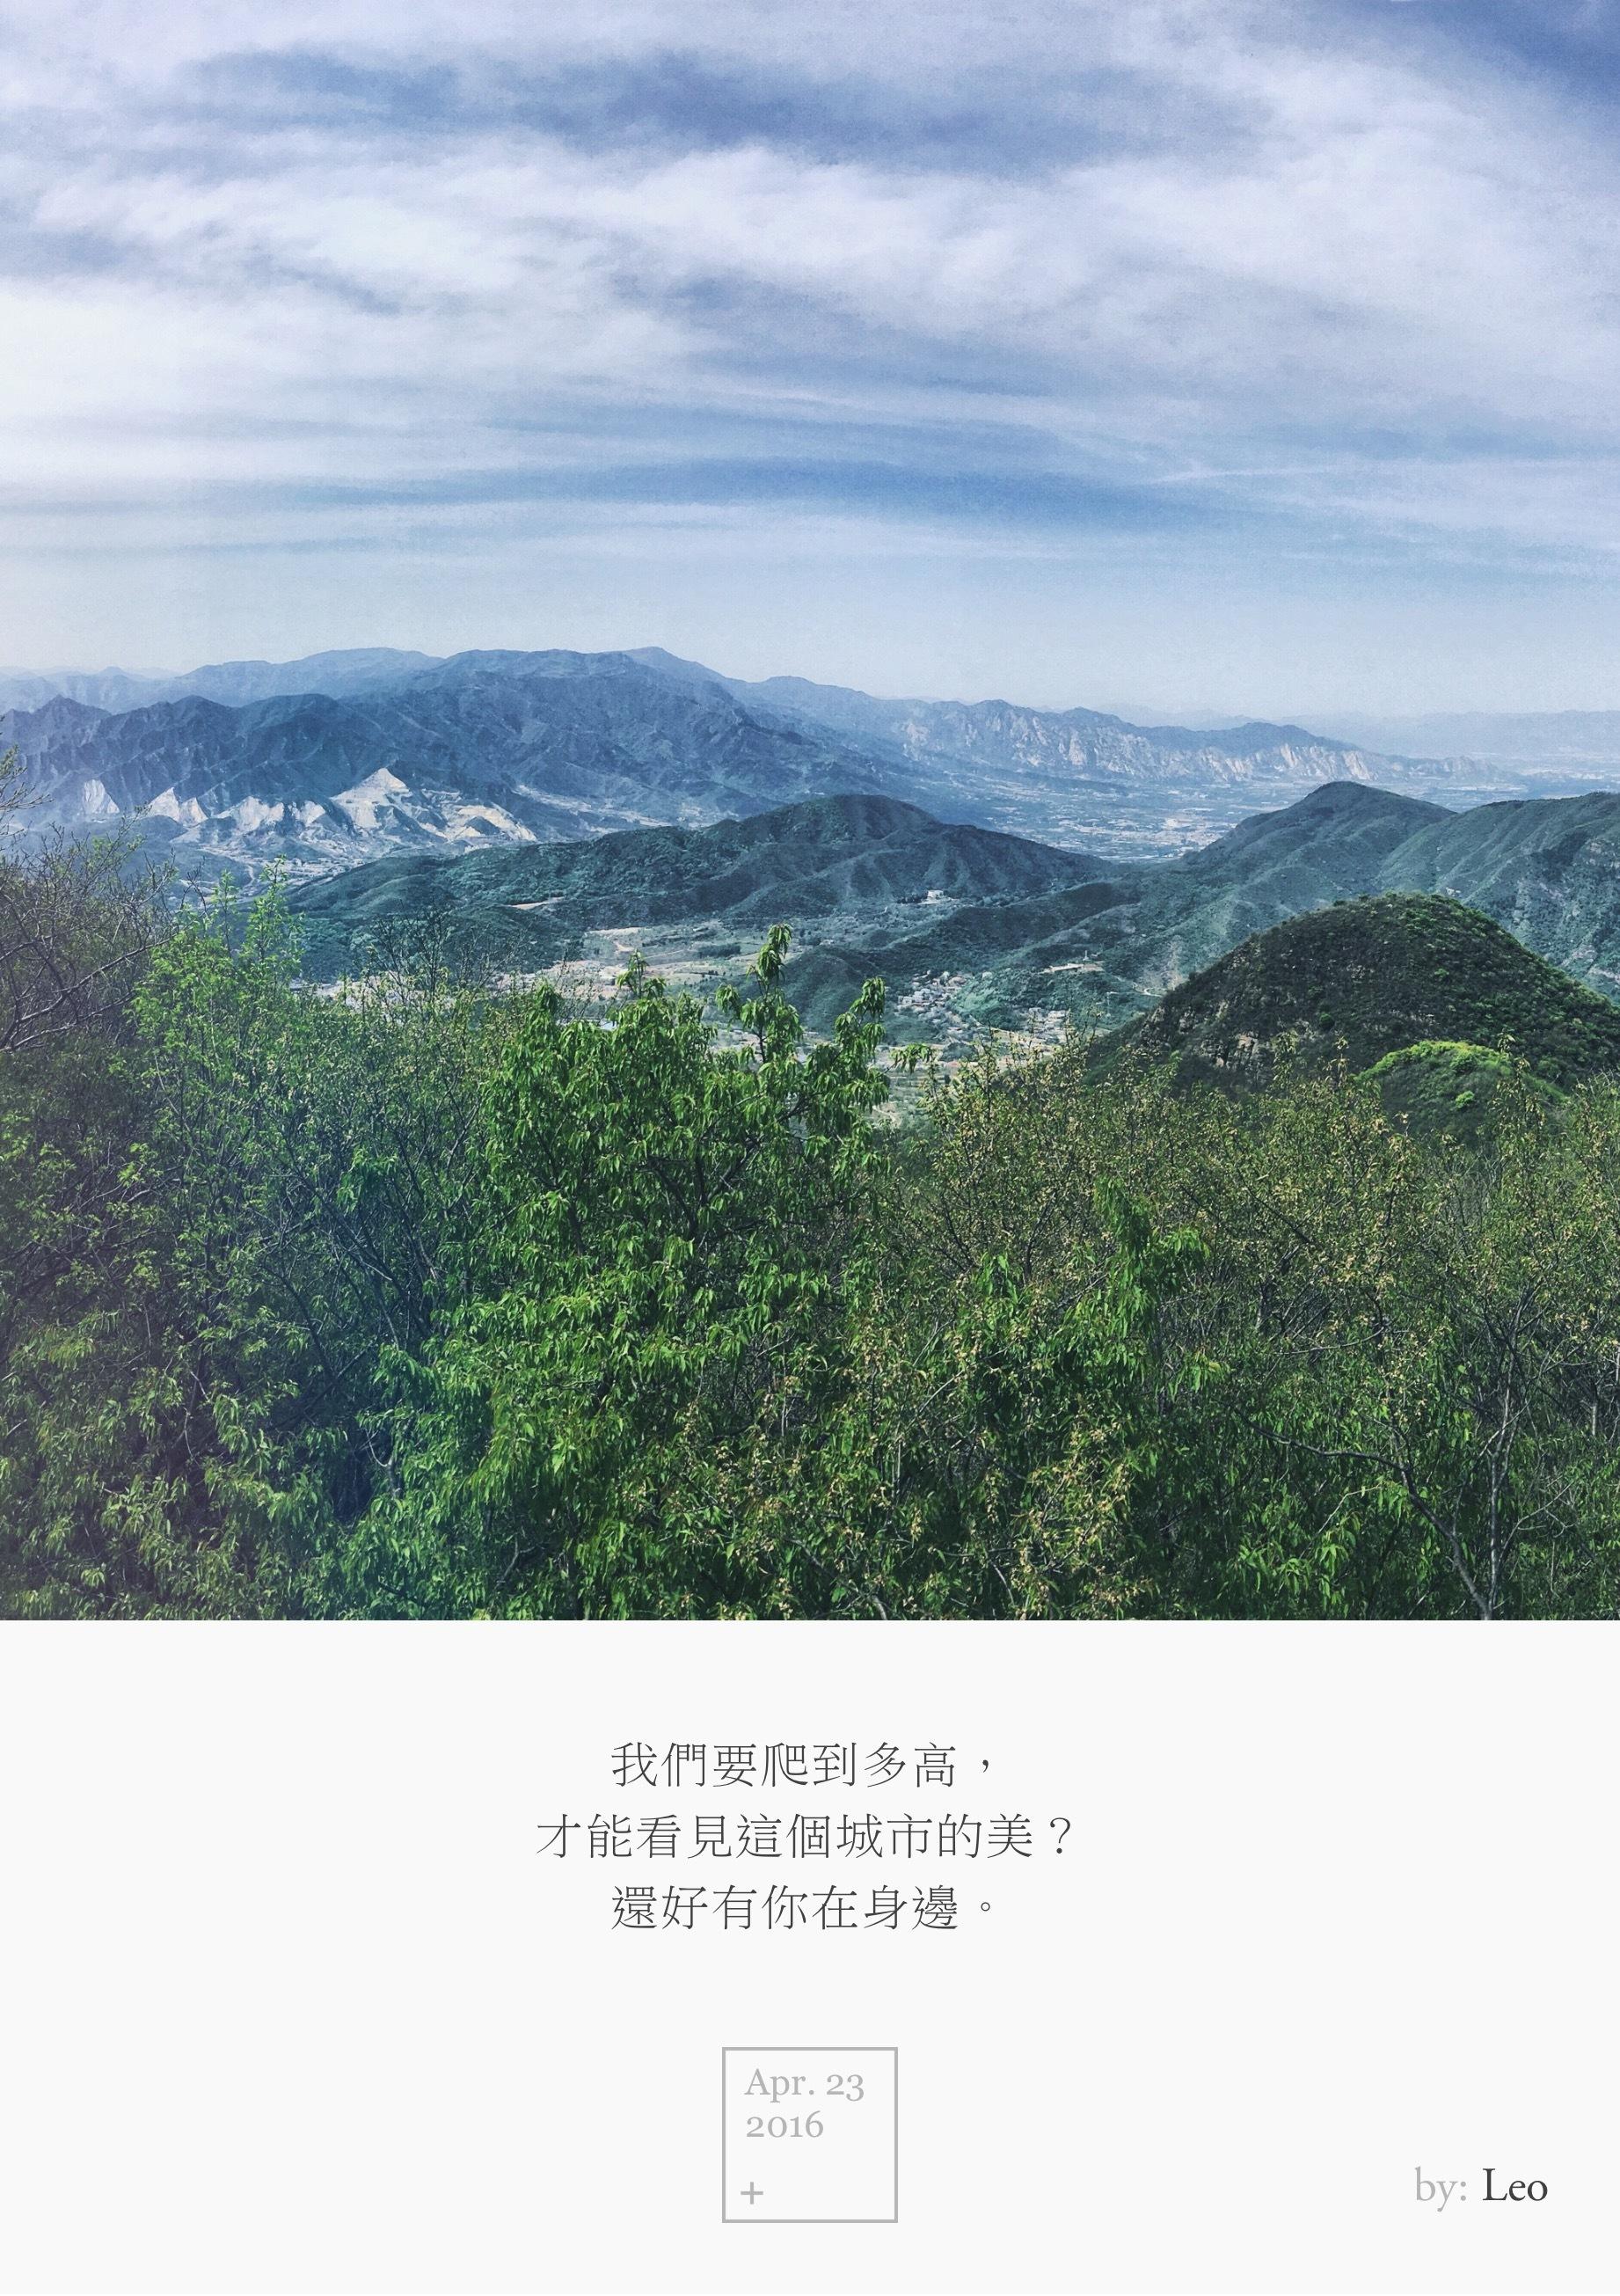 香山防火道